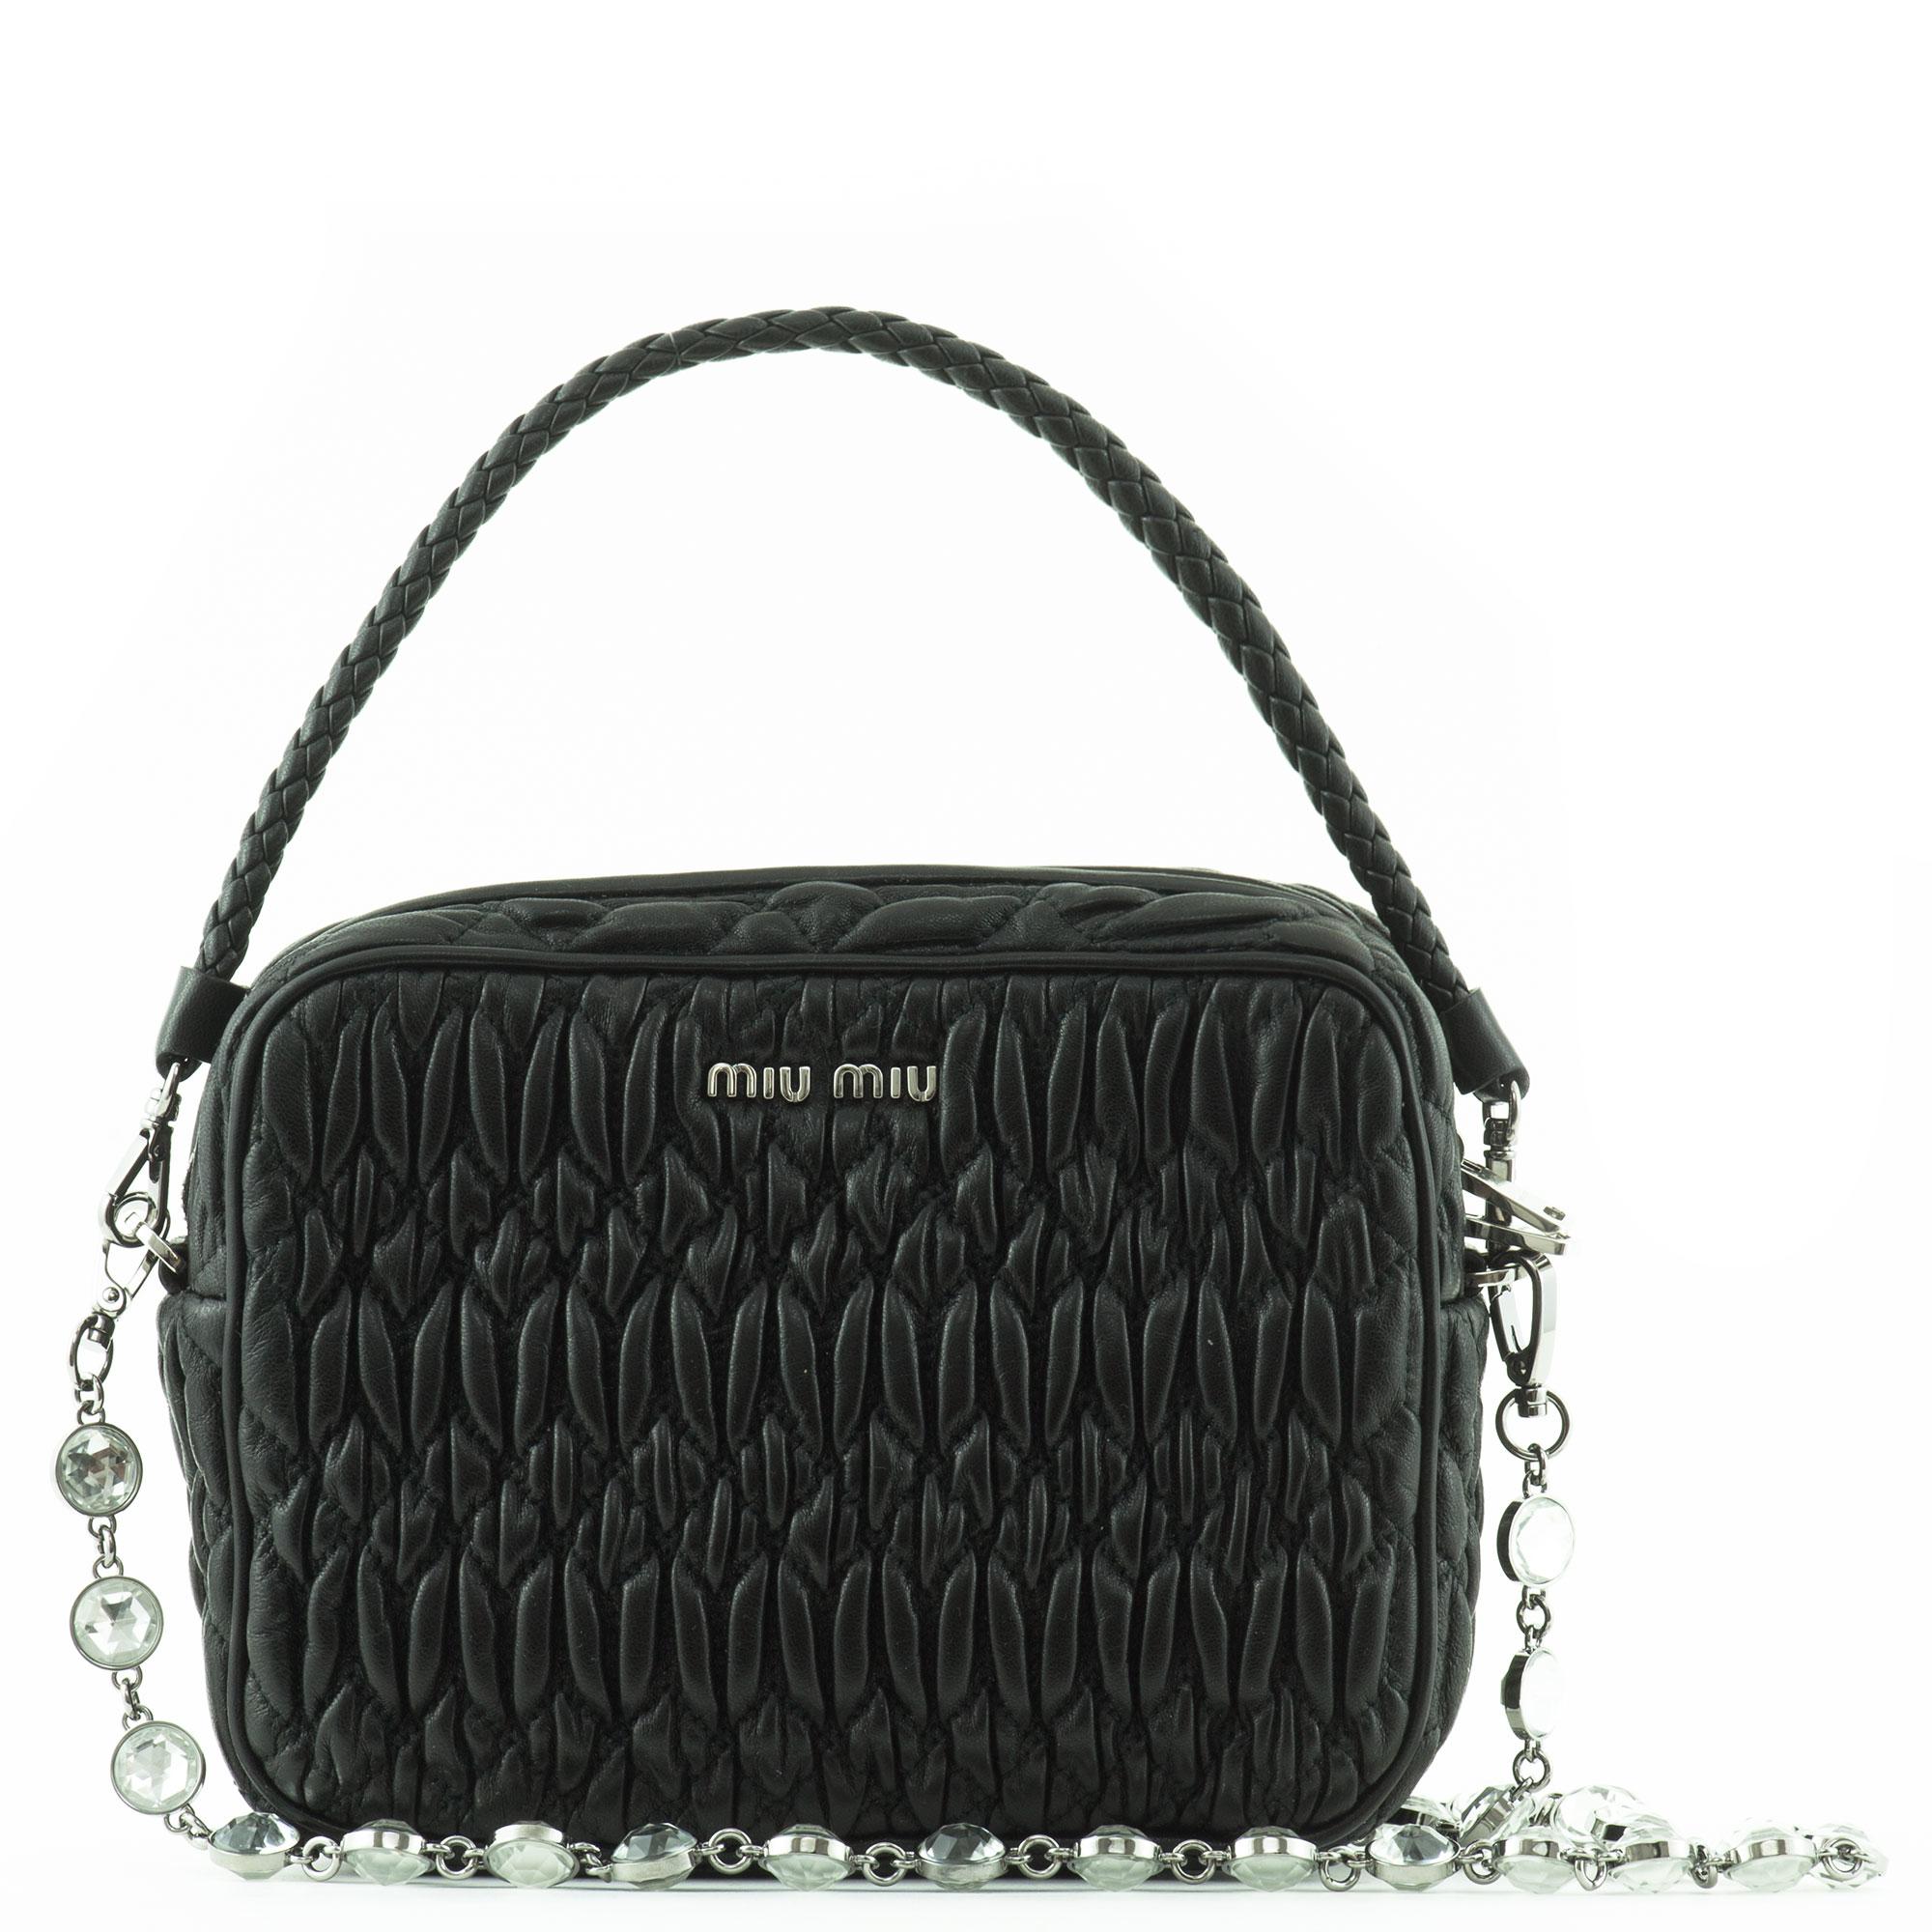 Miu Embellished Leather Shoulder Bag In Black Lyst